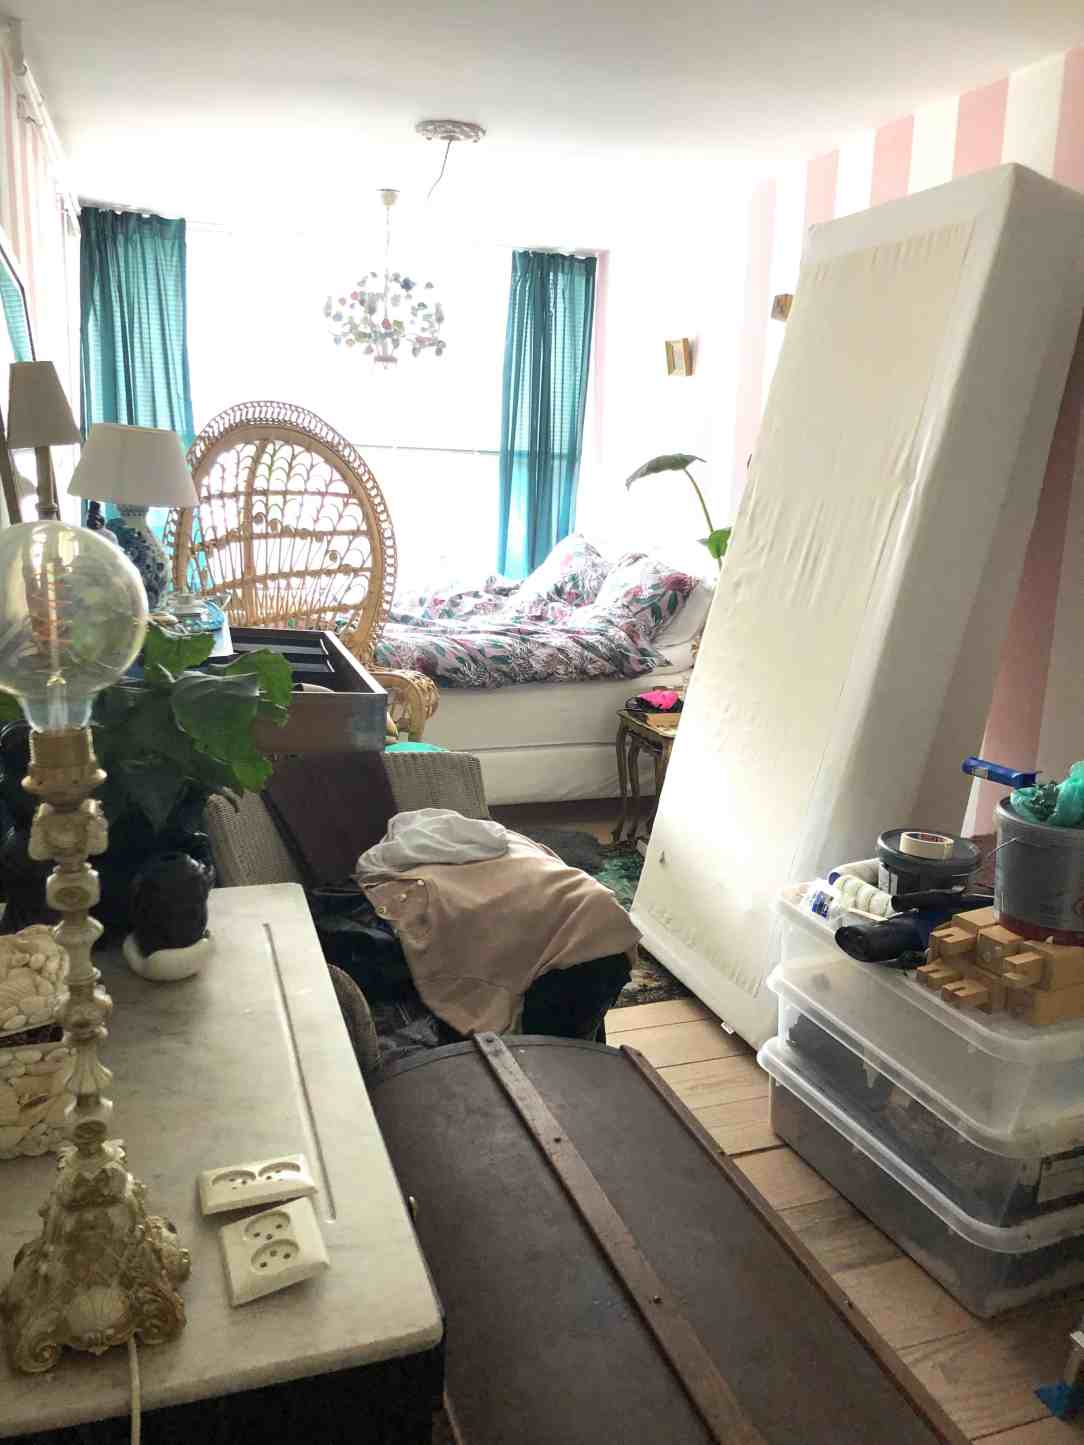 slaapkamer-renovatie-before